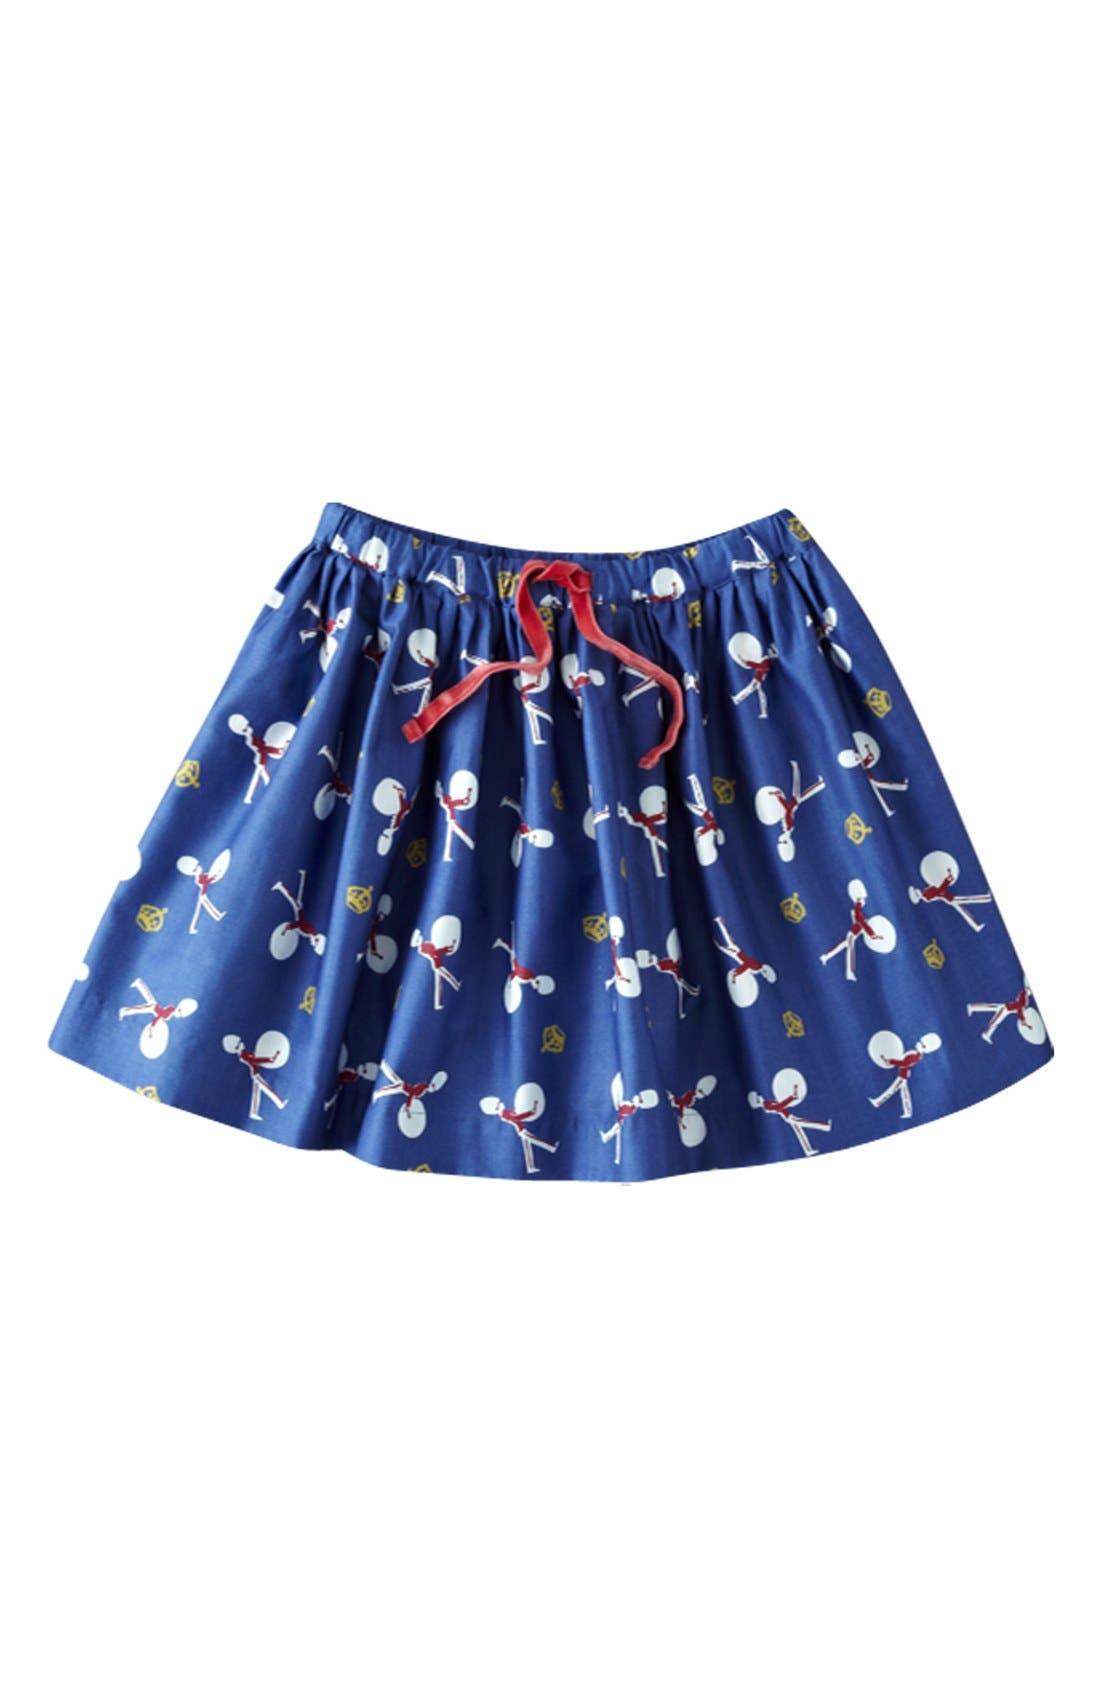 Main Image - Mini Boden 'Heritage' Full Skirt (Little Girls & Big Girls)